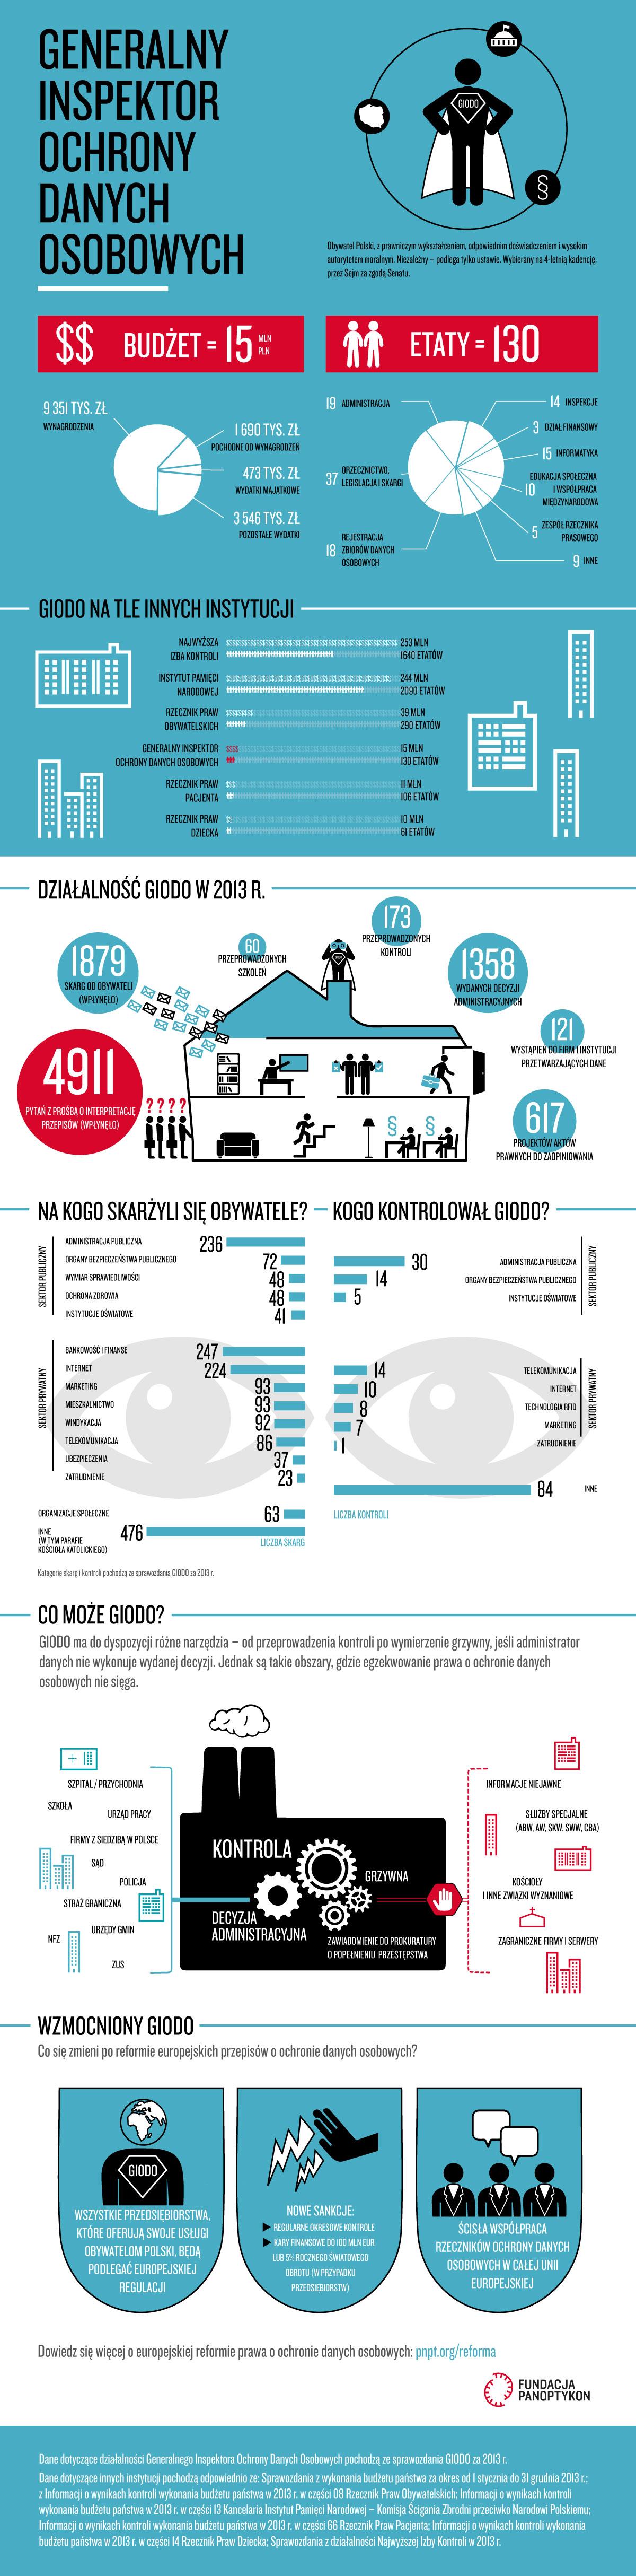 Infografika wyjaśniająca informacje na temat GIODO